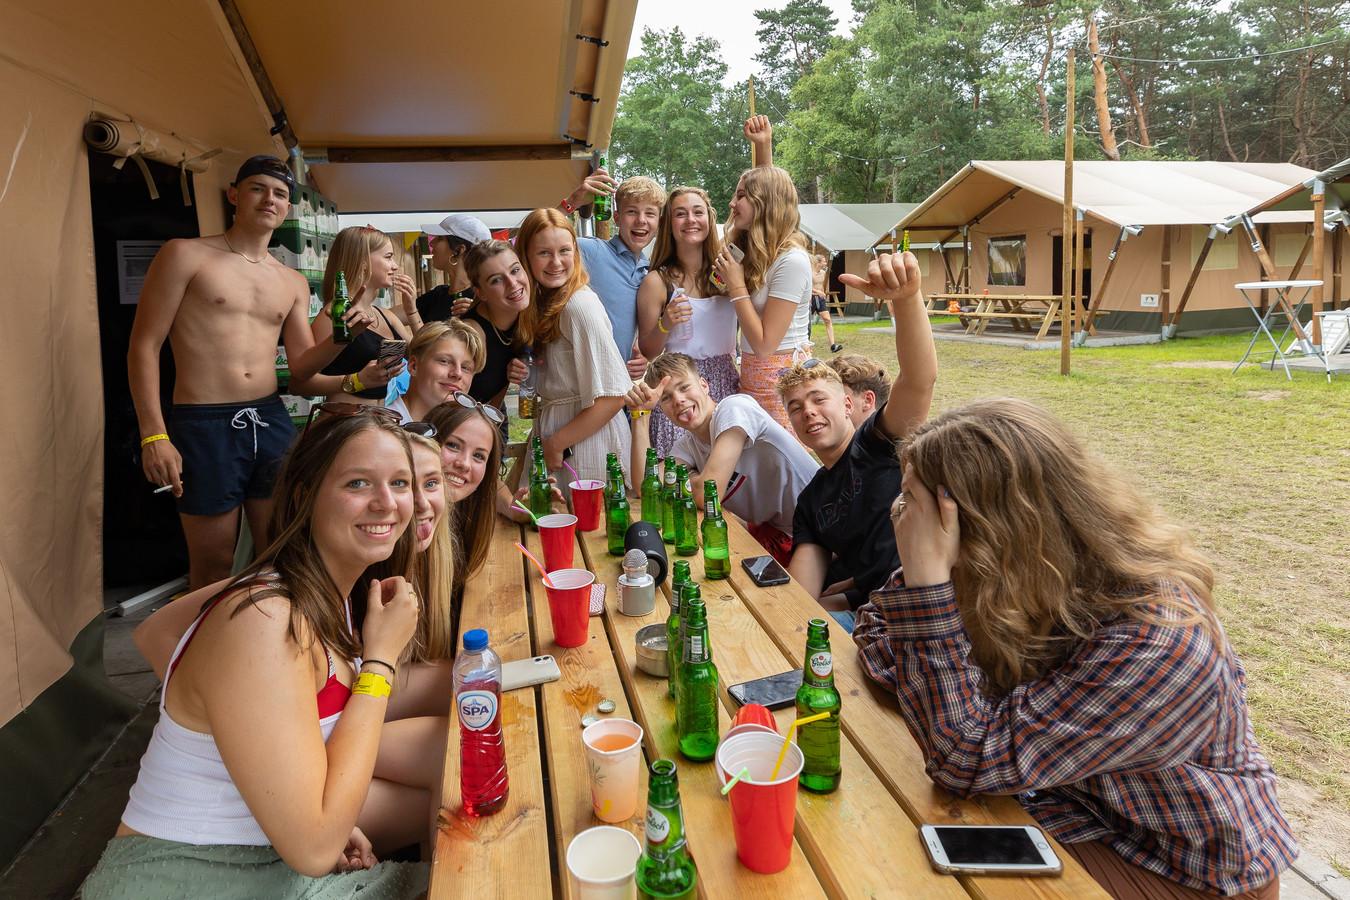 Voor de tenten op camping Dennenoord in Giethmen wordt al snel vriendschap gesloten. Dan kan allemaal, zolang corona buiten de deur blijft. Omdat zo te houden moet iedereen die op de camping verblijft eerst een negatieve coronatest laten zien.